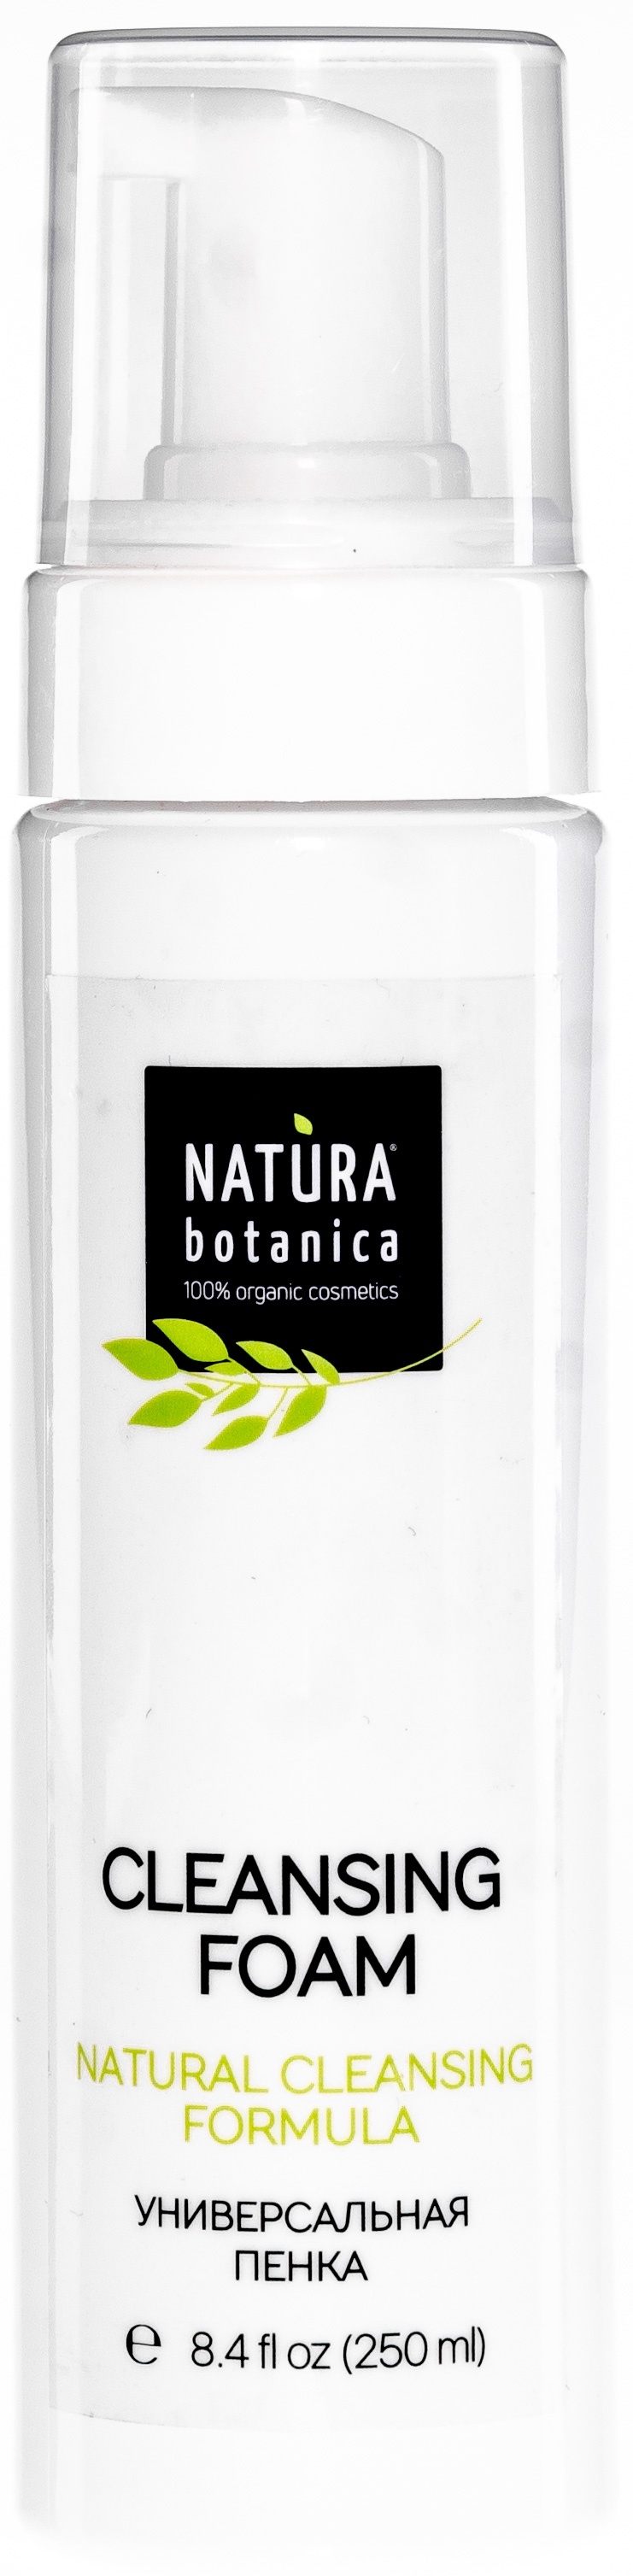 Пенка для умывания Natura Botanica Универсальная, для всех типов кожи, 100% натуральная